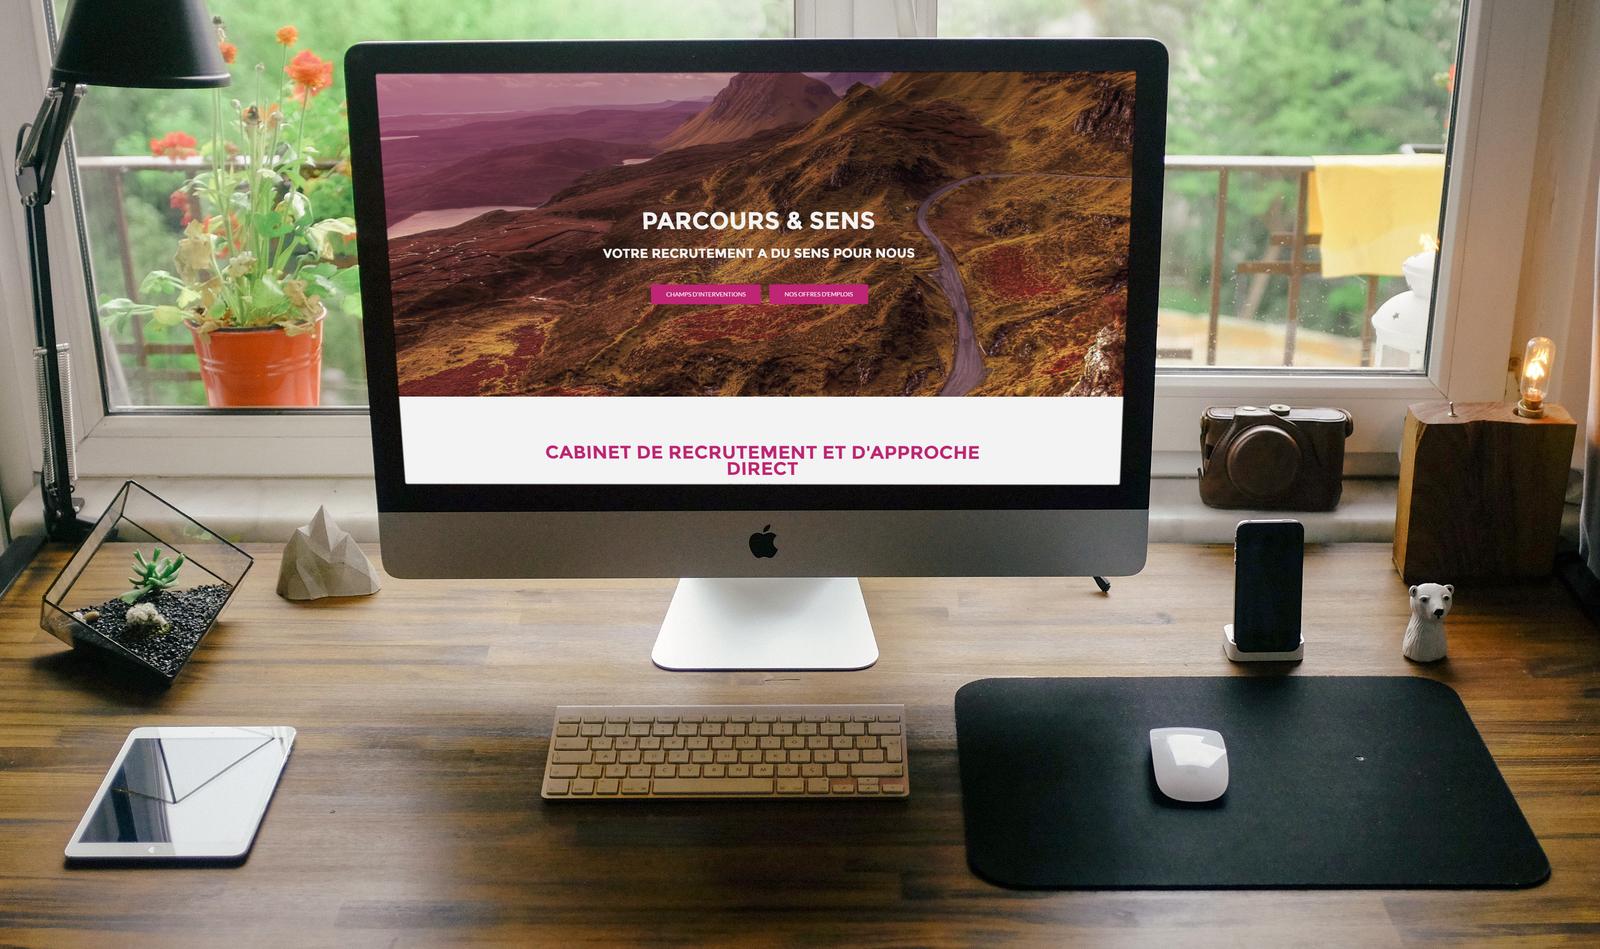 Parcours et sens - lancement du nouveau site internet